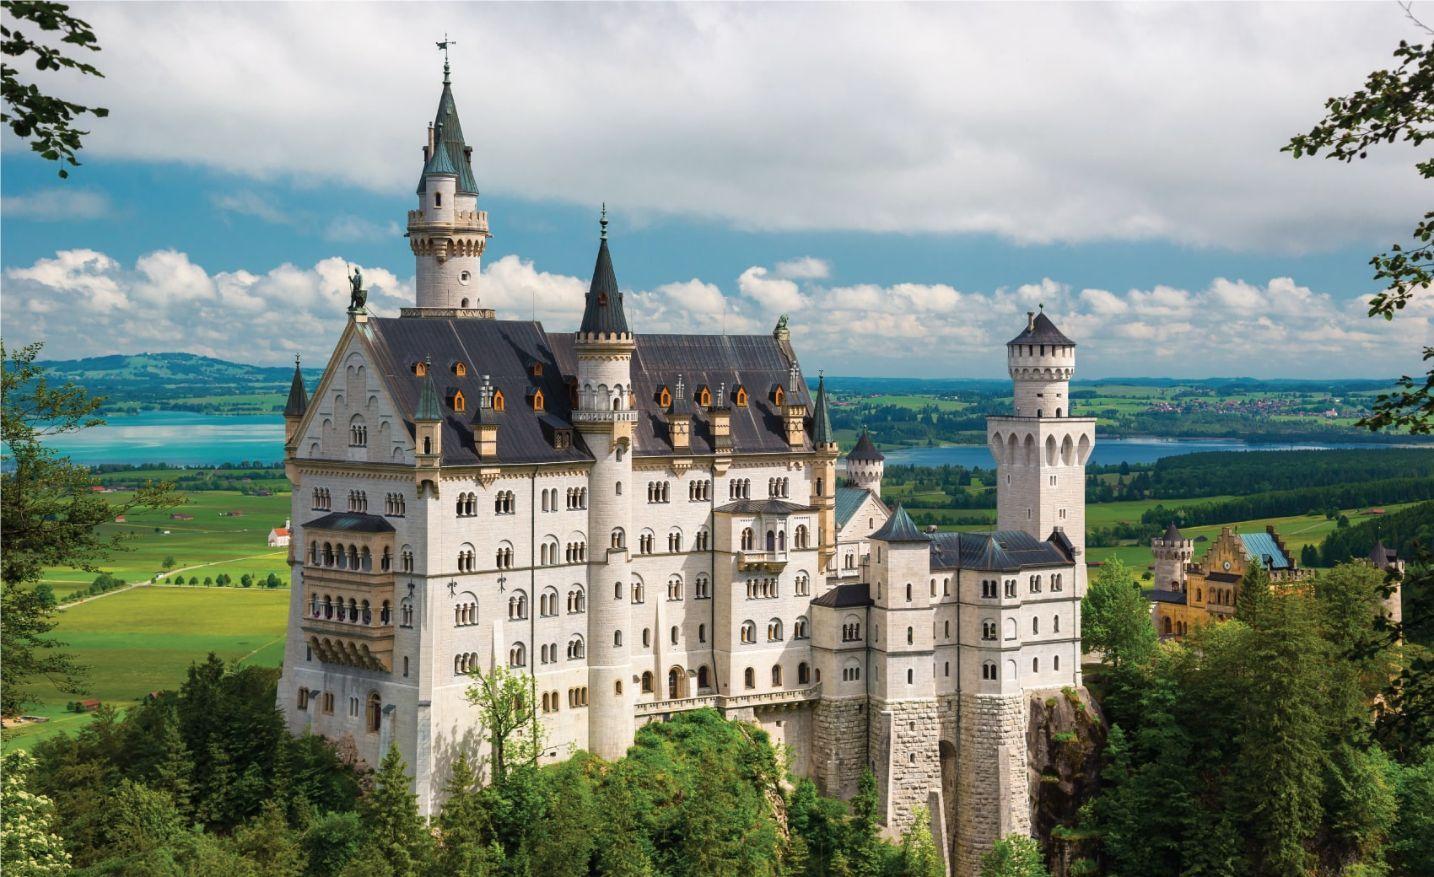 Bavarian Alps - the 19th century Neuschwanstein castle